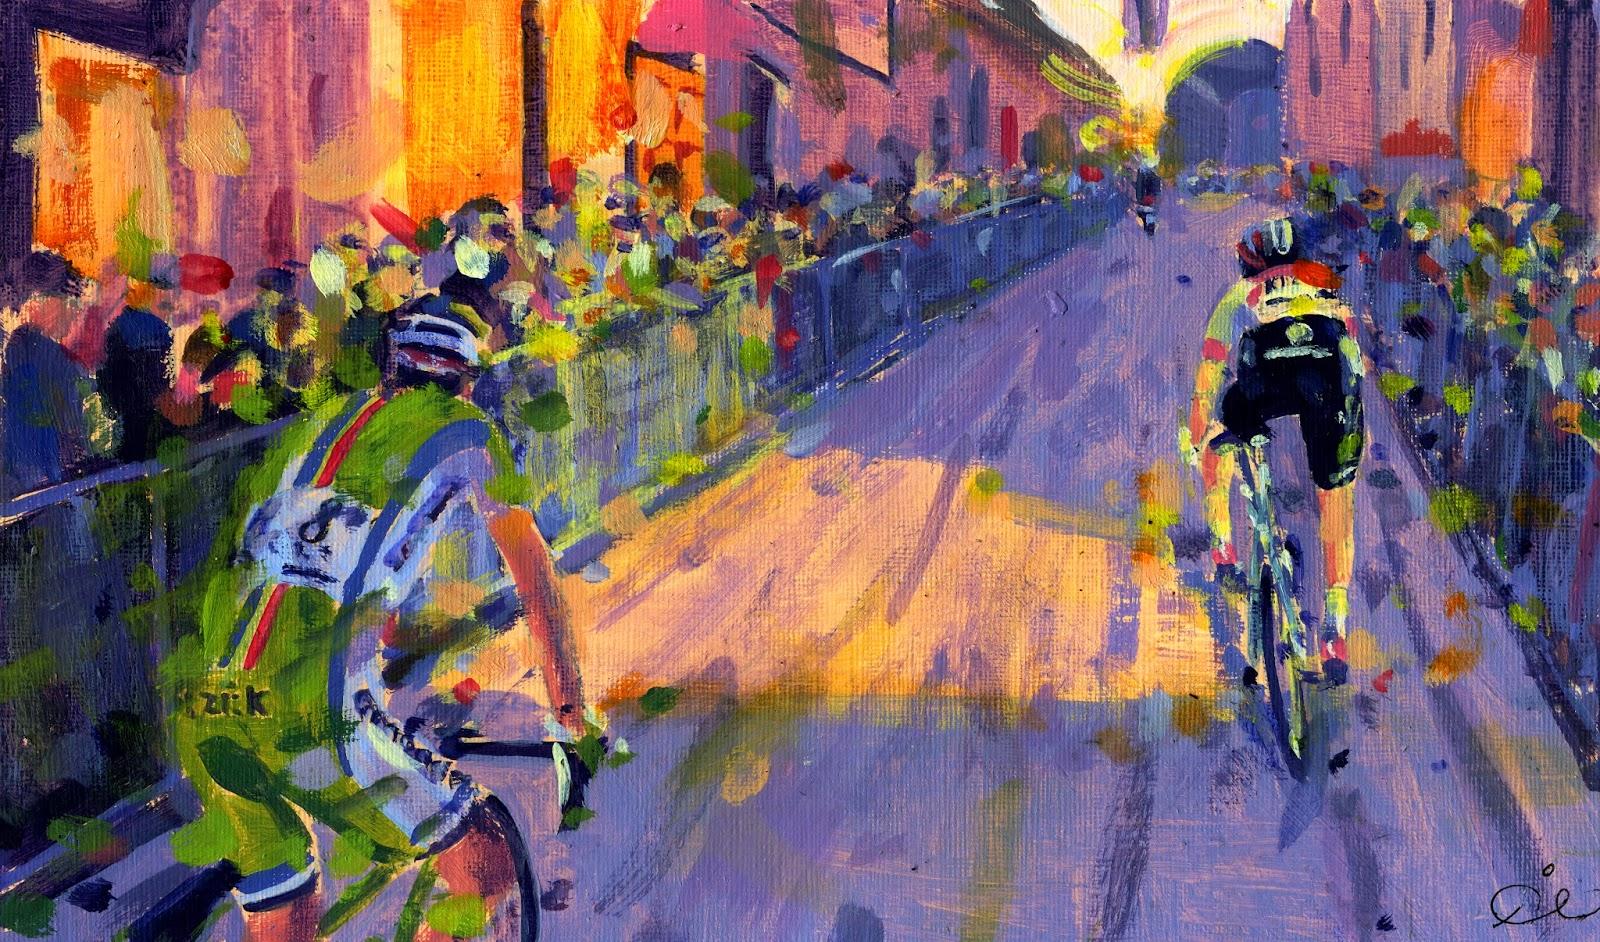 arte y ciclismo Stradabianchi